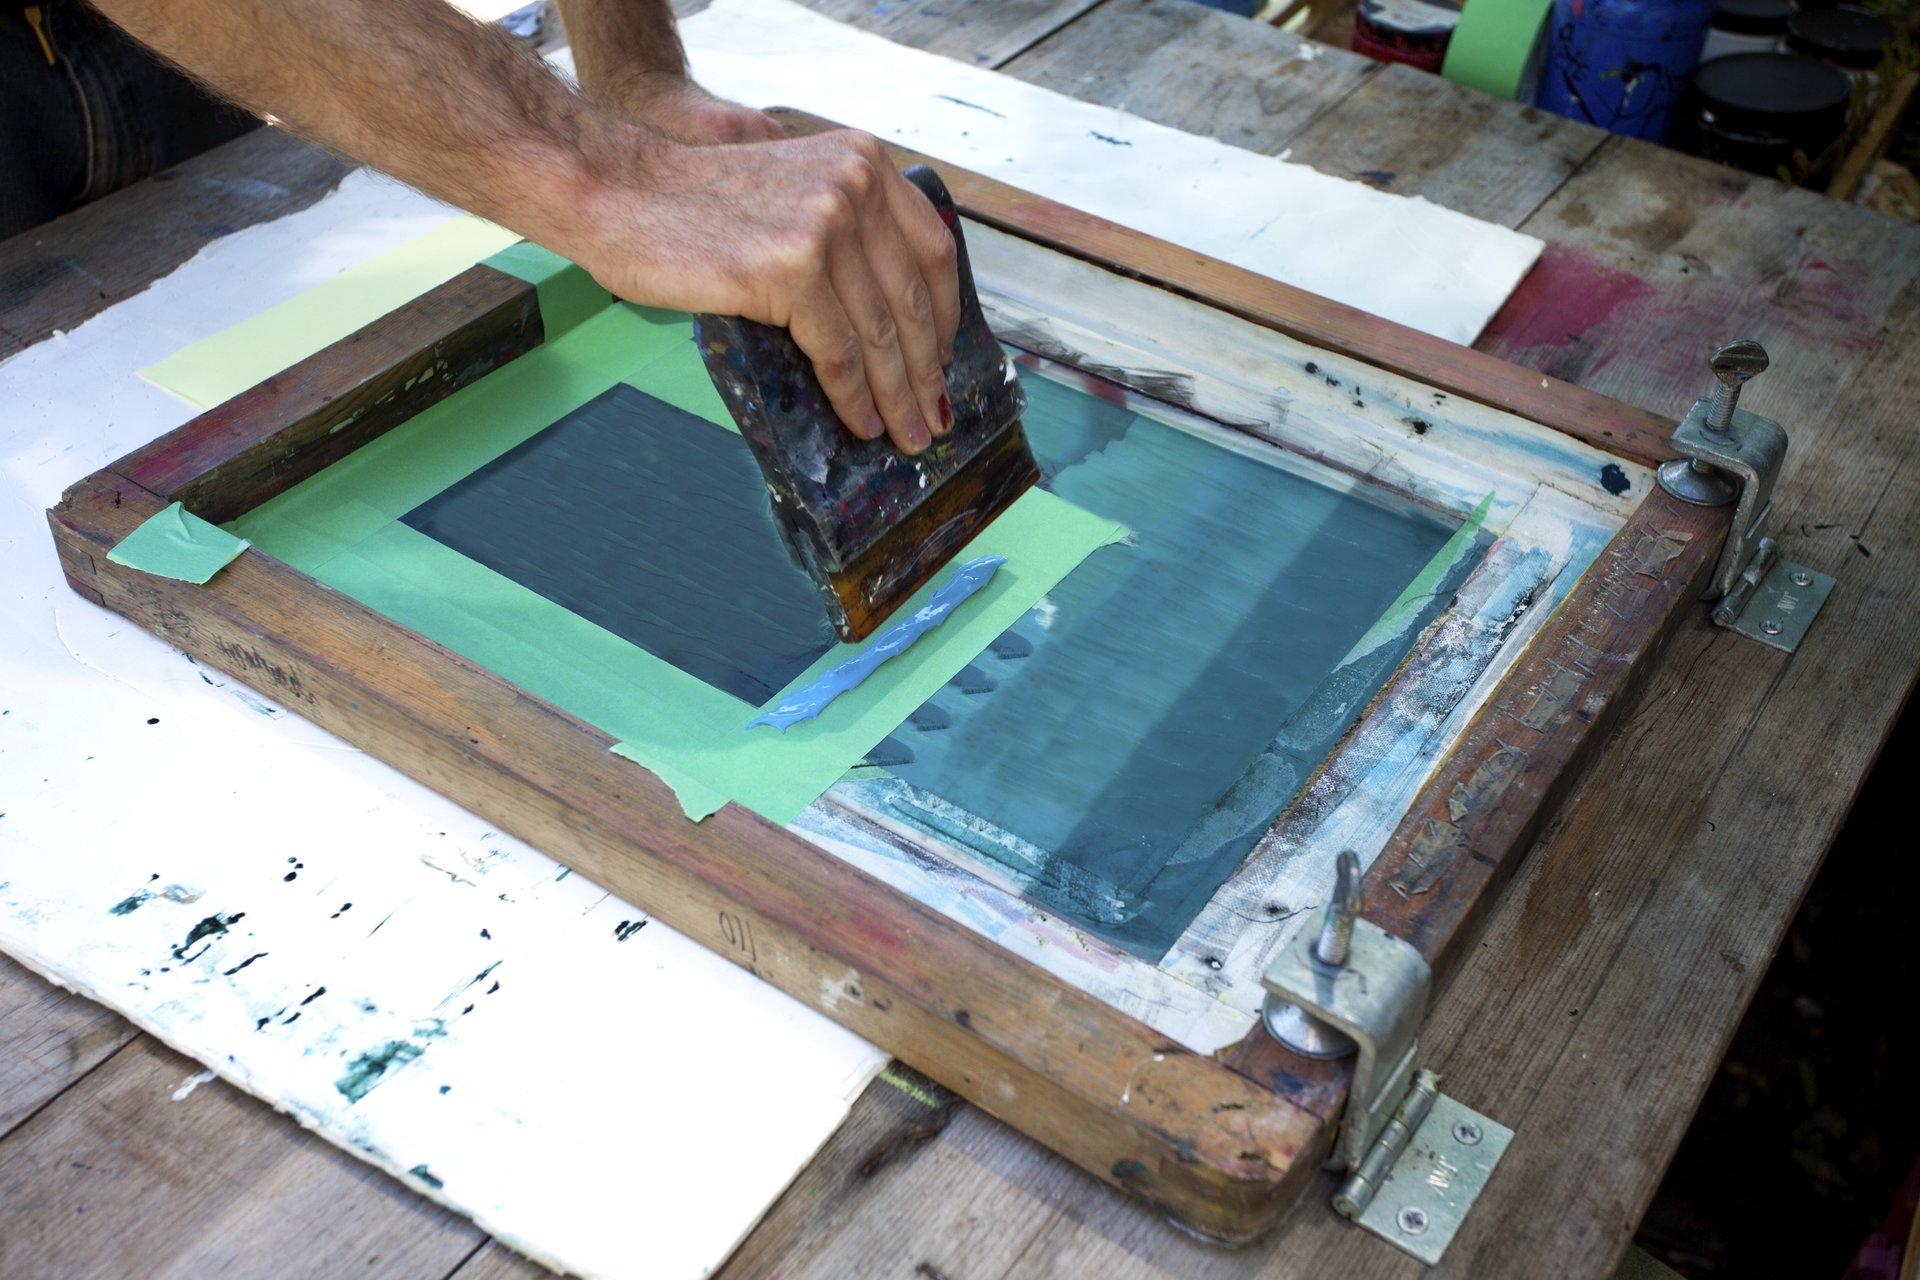 una maglietta verde e dietro l'interno di una fabbrica